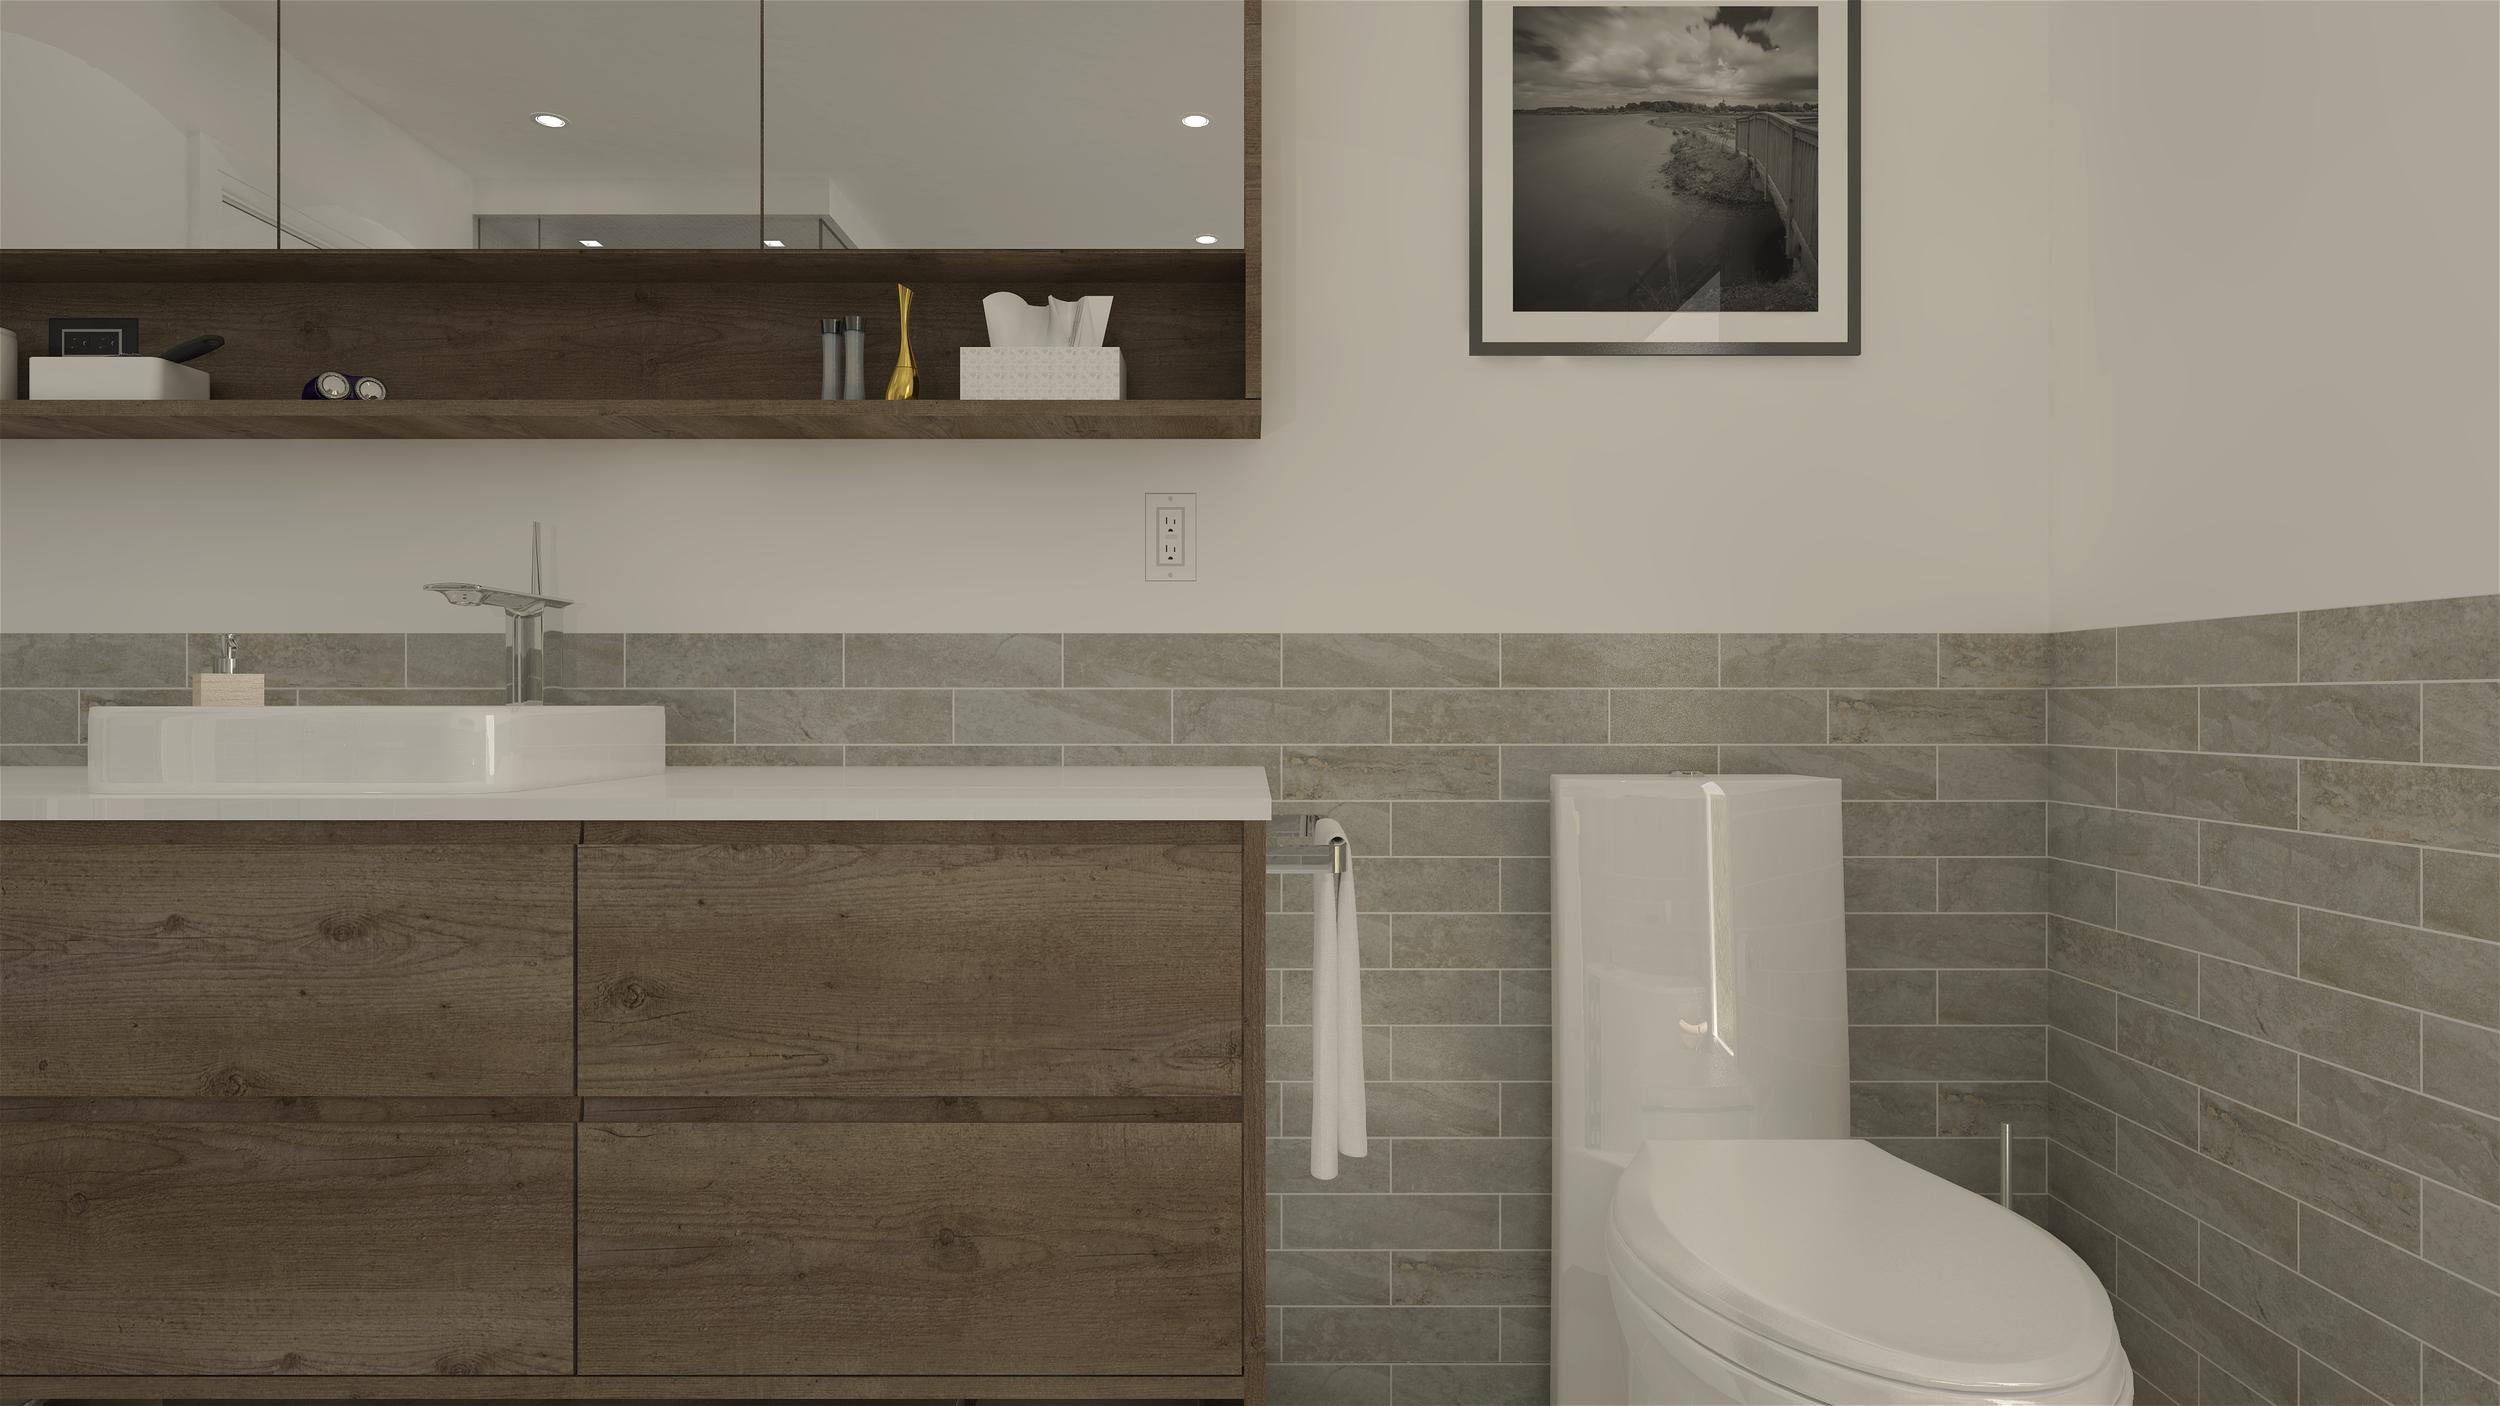 deSousaDESIGN_Bathroom_Naturally_Zen_V1f_3840x2160.png